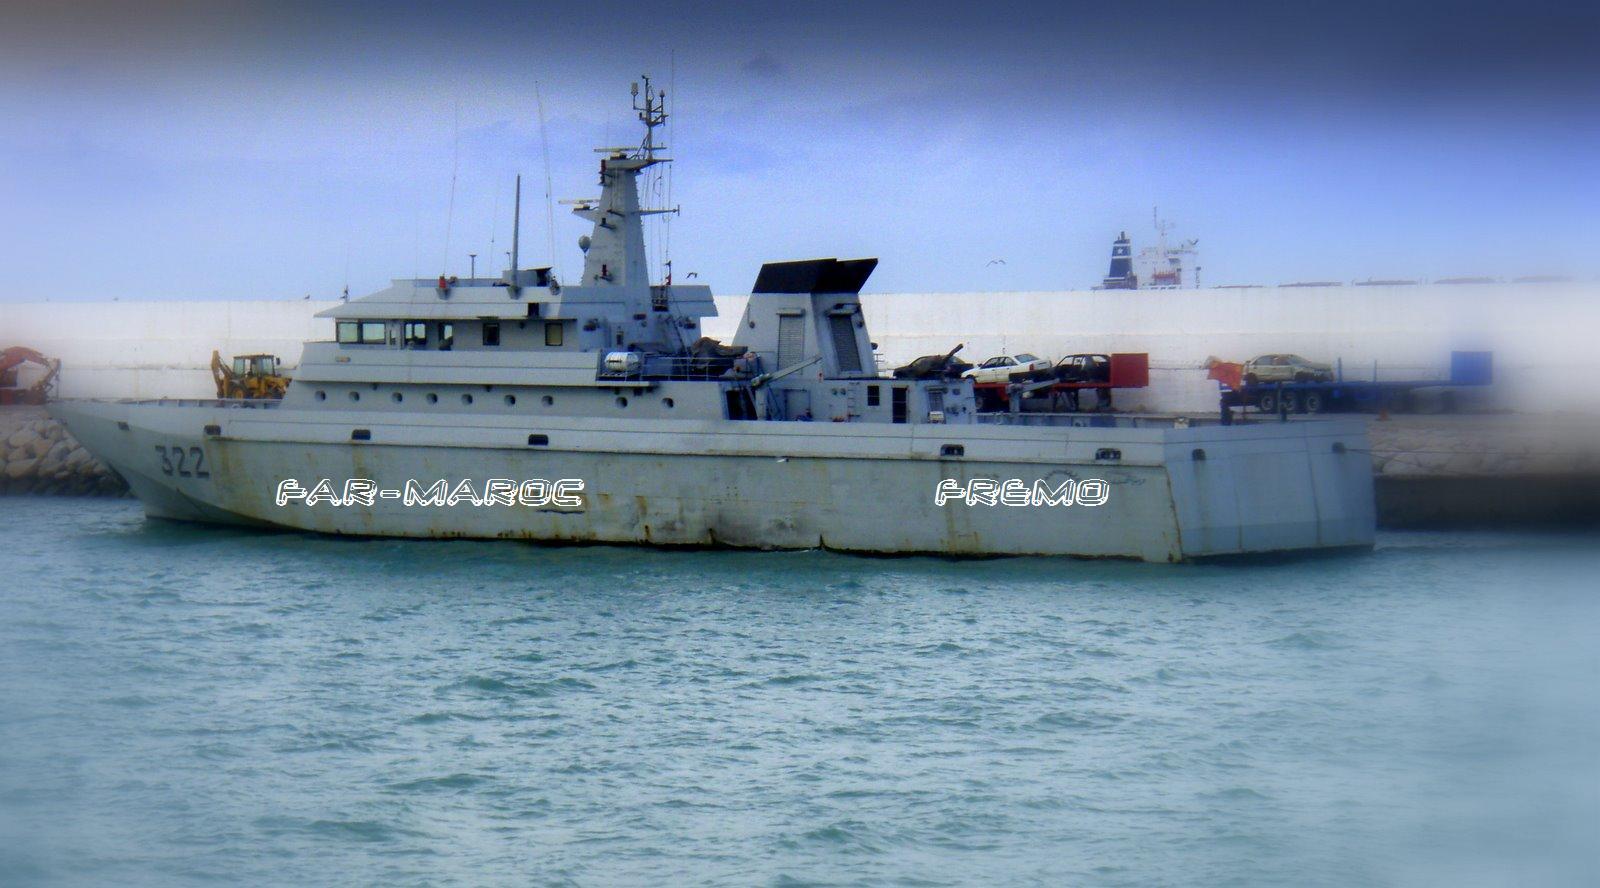 Royal Moroccan Navy Patrol Boats / Patrouilleurs de la Marine Marocaine - Page 2 Pc242410